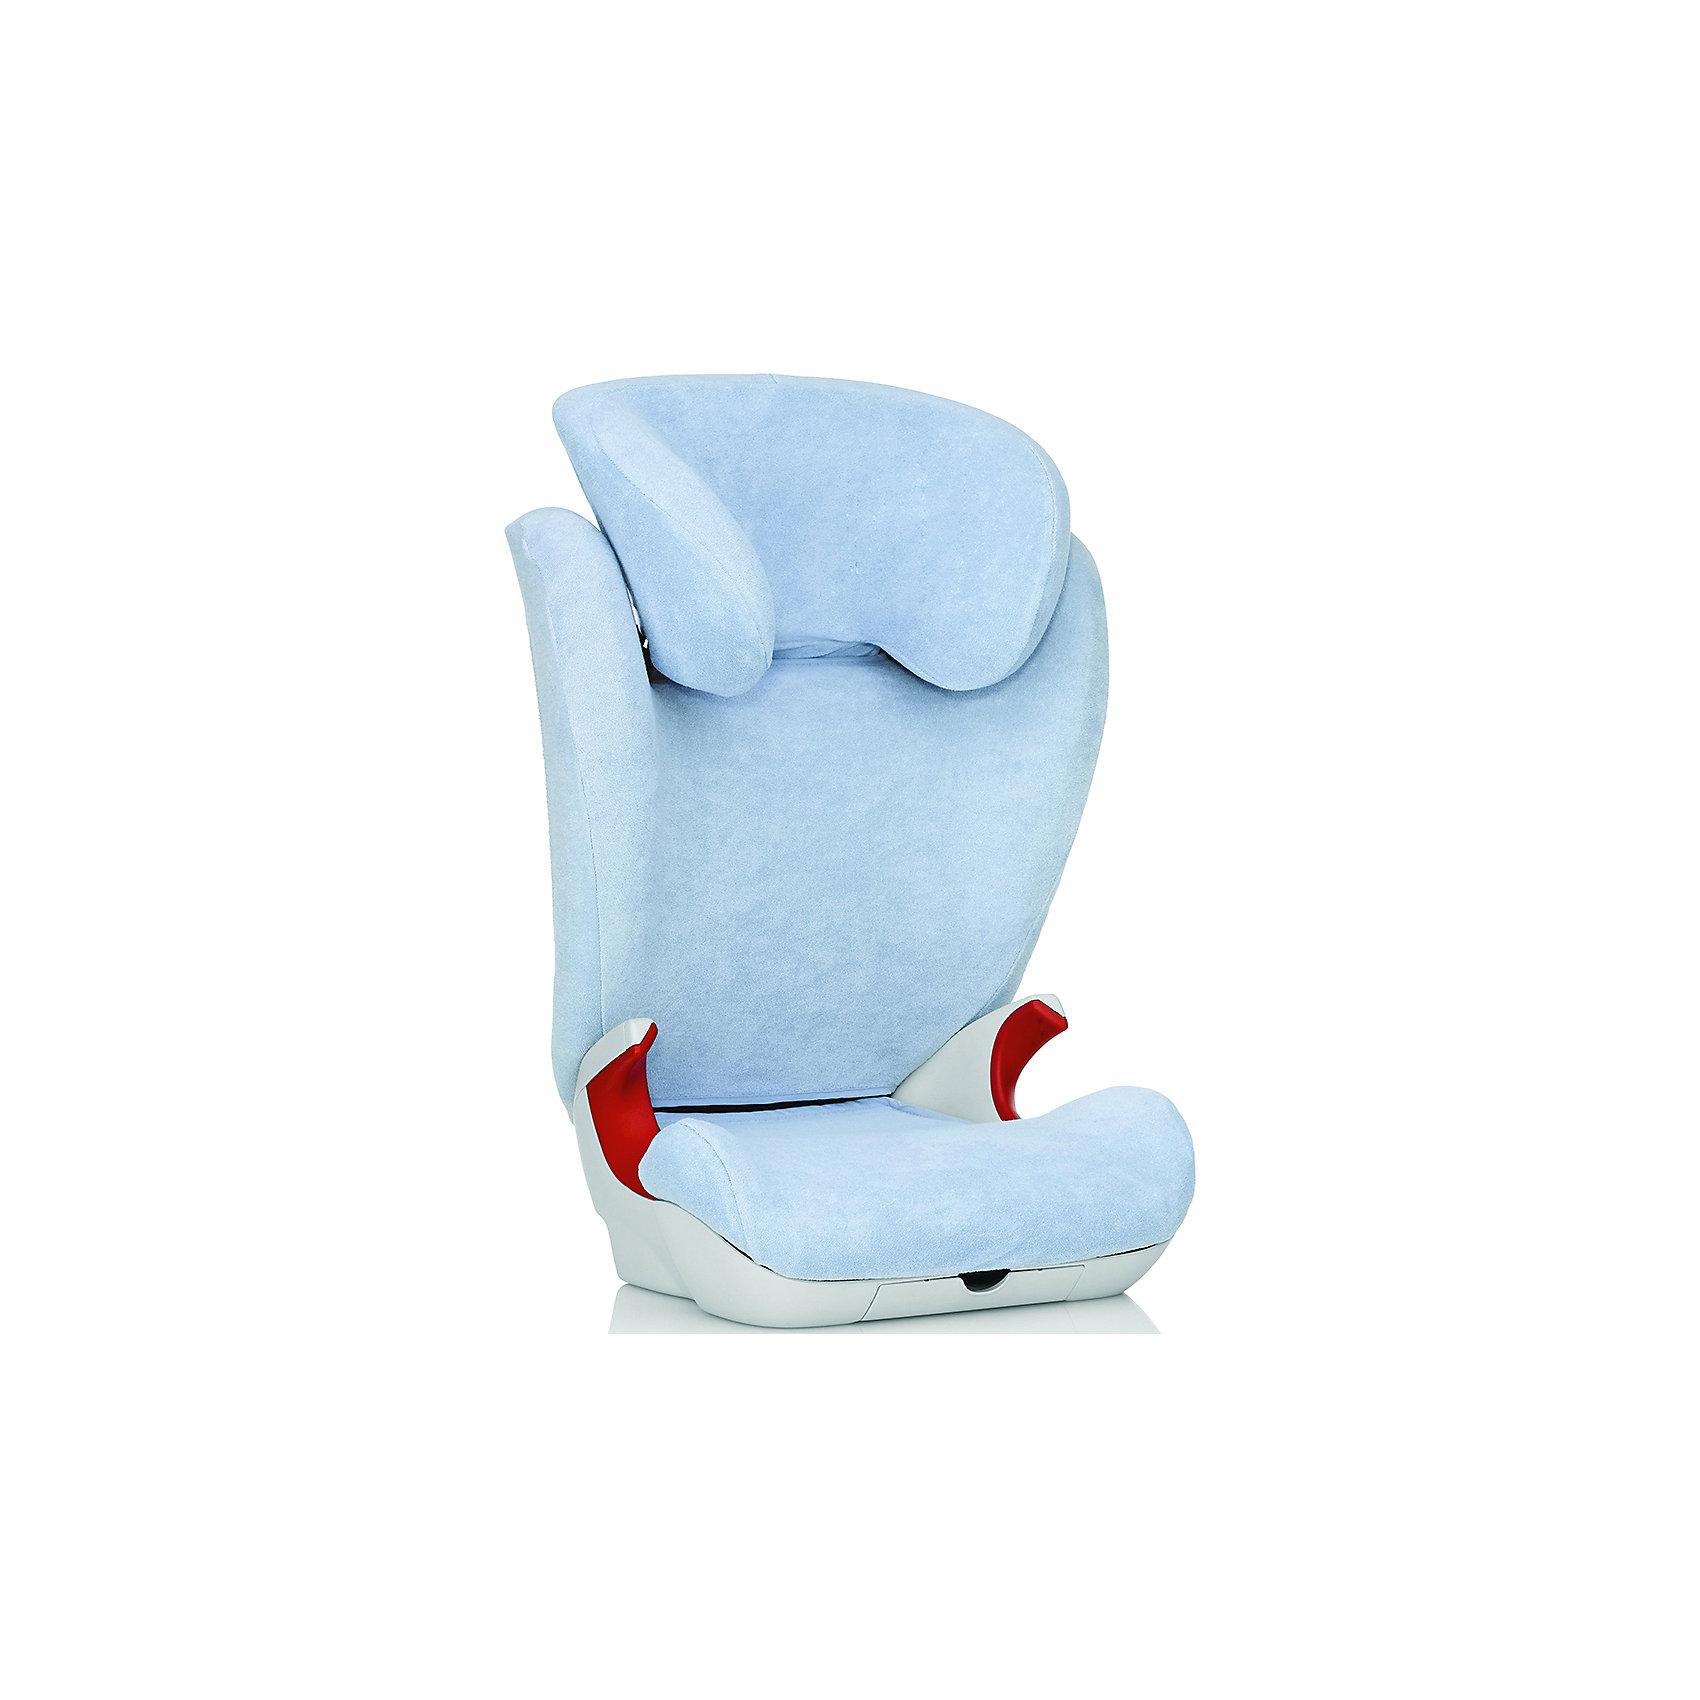 Летний чехол для автокресла KID II, Britax Roemer, BlueАксессуары<br>Летний чехол для автокресла KID II, Britax Roemer, сделает поездку Вашего ребенка еще более приятной и комфортной. Чехол выполнен в нежной голубой расцветке. Махровая ткань очень мягкая и приятная на ощупь. Чехол прекрасно поглощает влагу, поэтому идеально подходит для использования в жаркую летную погоду. Ткань состоит из 80% хлопка и 20% полиэстера. Чехол можно стирать в машинке при температуре 60° C. Подходит для автокресел Kid II и KIDFIX SL от Romer.  <br><br>Дополнительная информация:<br><br>- Цвет: Blue (голубой). <br>- Материал: 80% хлопок, 20% полиэстер.<br>- Размер упаковки: 30 х 15 х 30 см. <br>- Вес: 1,2 кг.<br><br>Летний чехол для автокресла KID II, Britax Roemer, Blue, можно купить в нашем интернет-магазине.<br><br>Ширина мм: 150<br>Глубина мм: 200<br>Высота мм: 300<br>Вес г: 1200<br>Возраст от месяцев: 48<br>Возраст до месяцев: 144<br>Пол: Унисекс<br>Возраст: Детский<br>SKU: 4722137